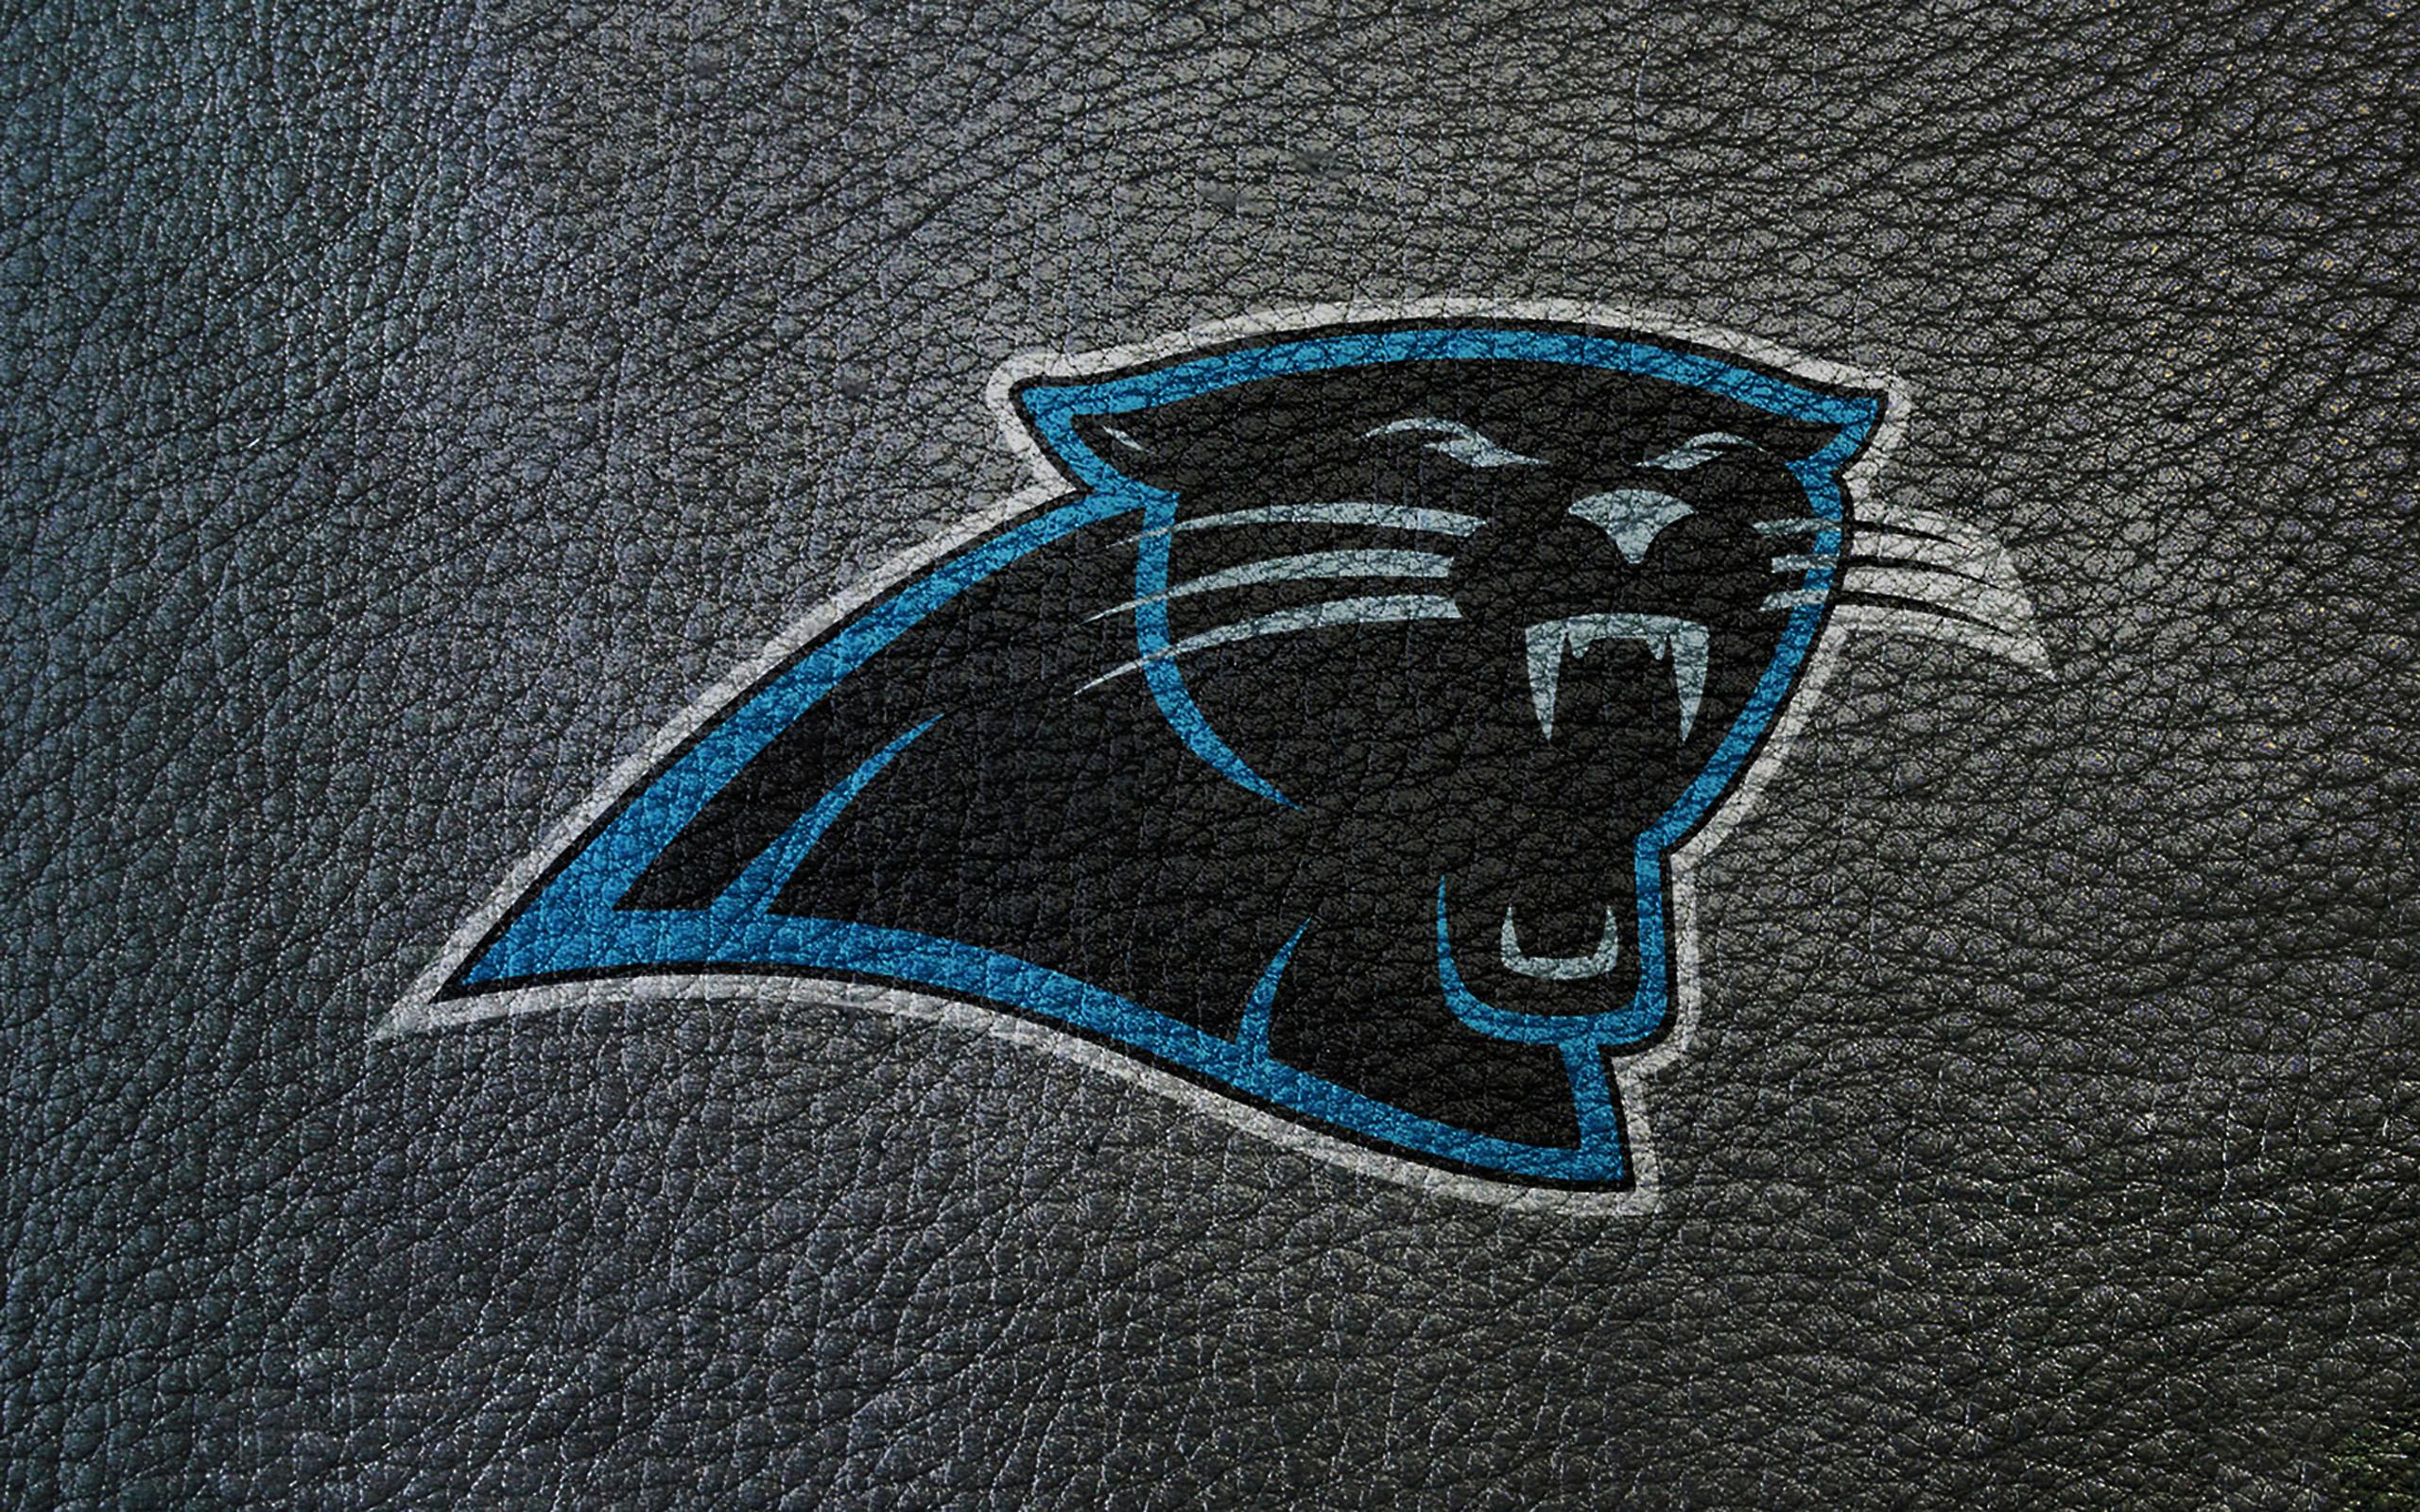 Carolina Panthers 2560x1600